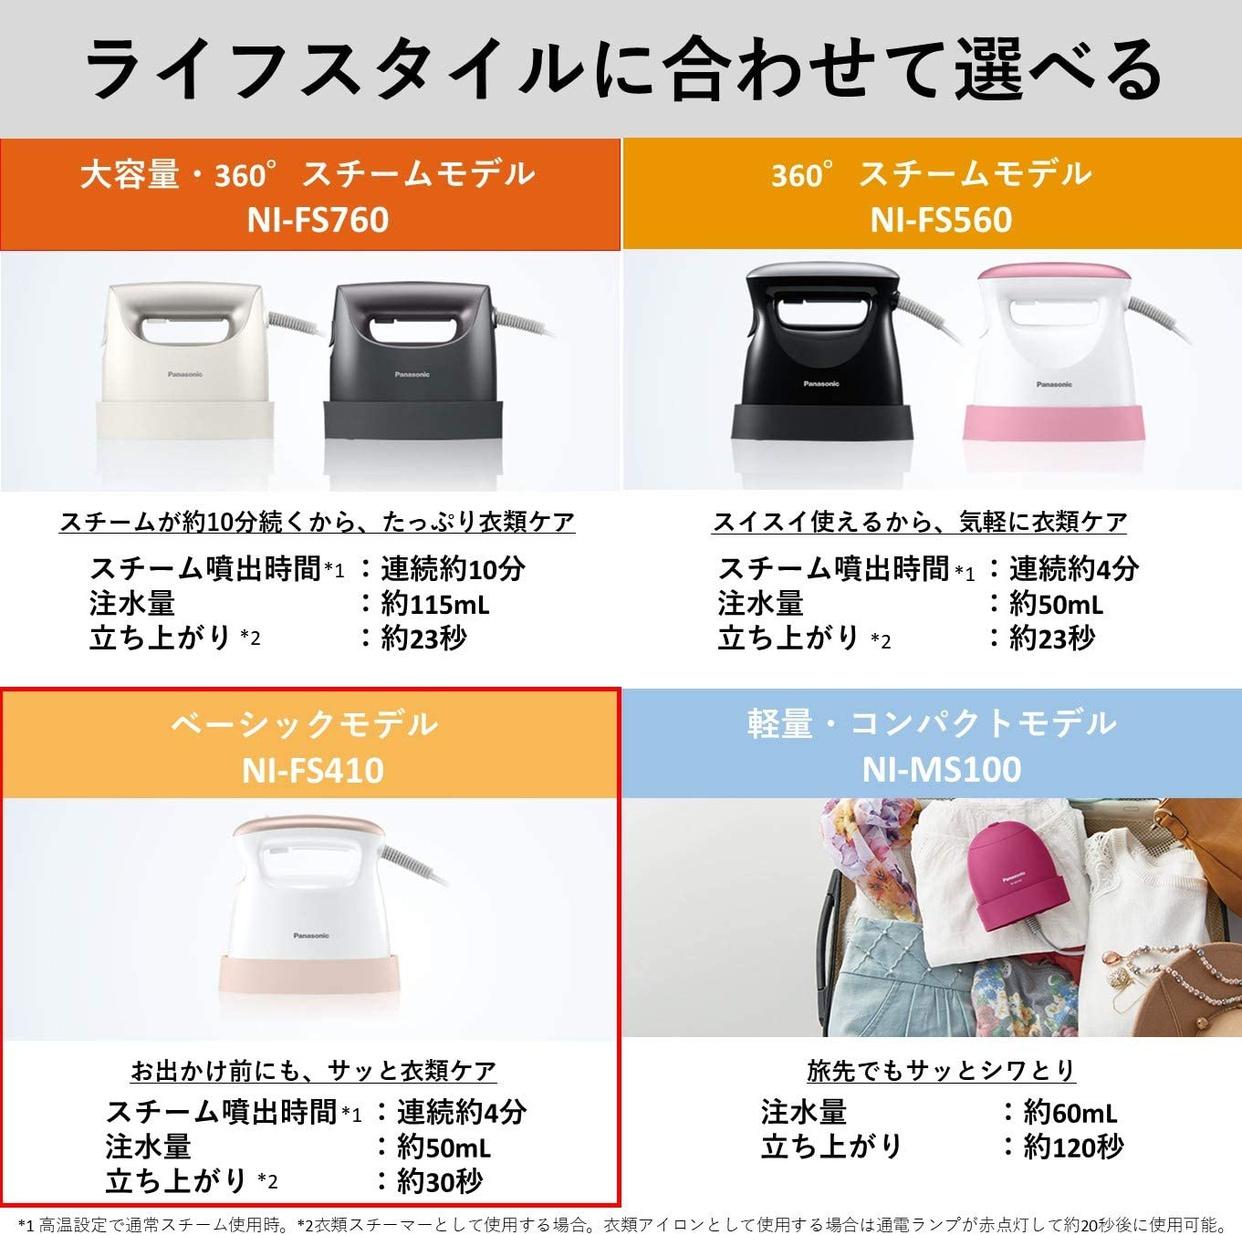 Panasonic(パナソニック) 衣類スチーマー NI-FS410の商品画像7